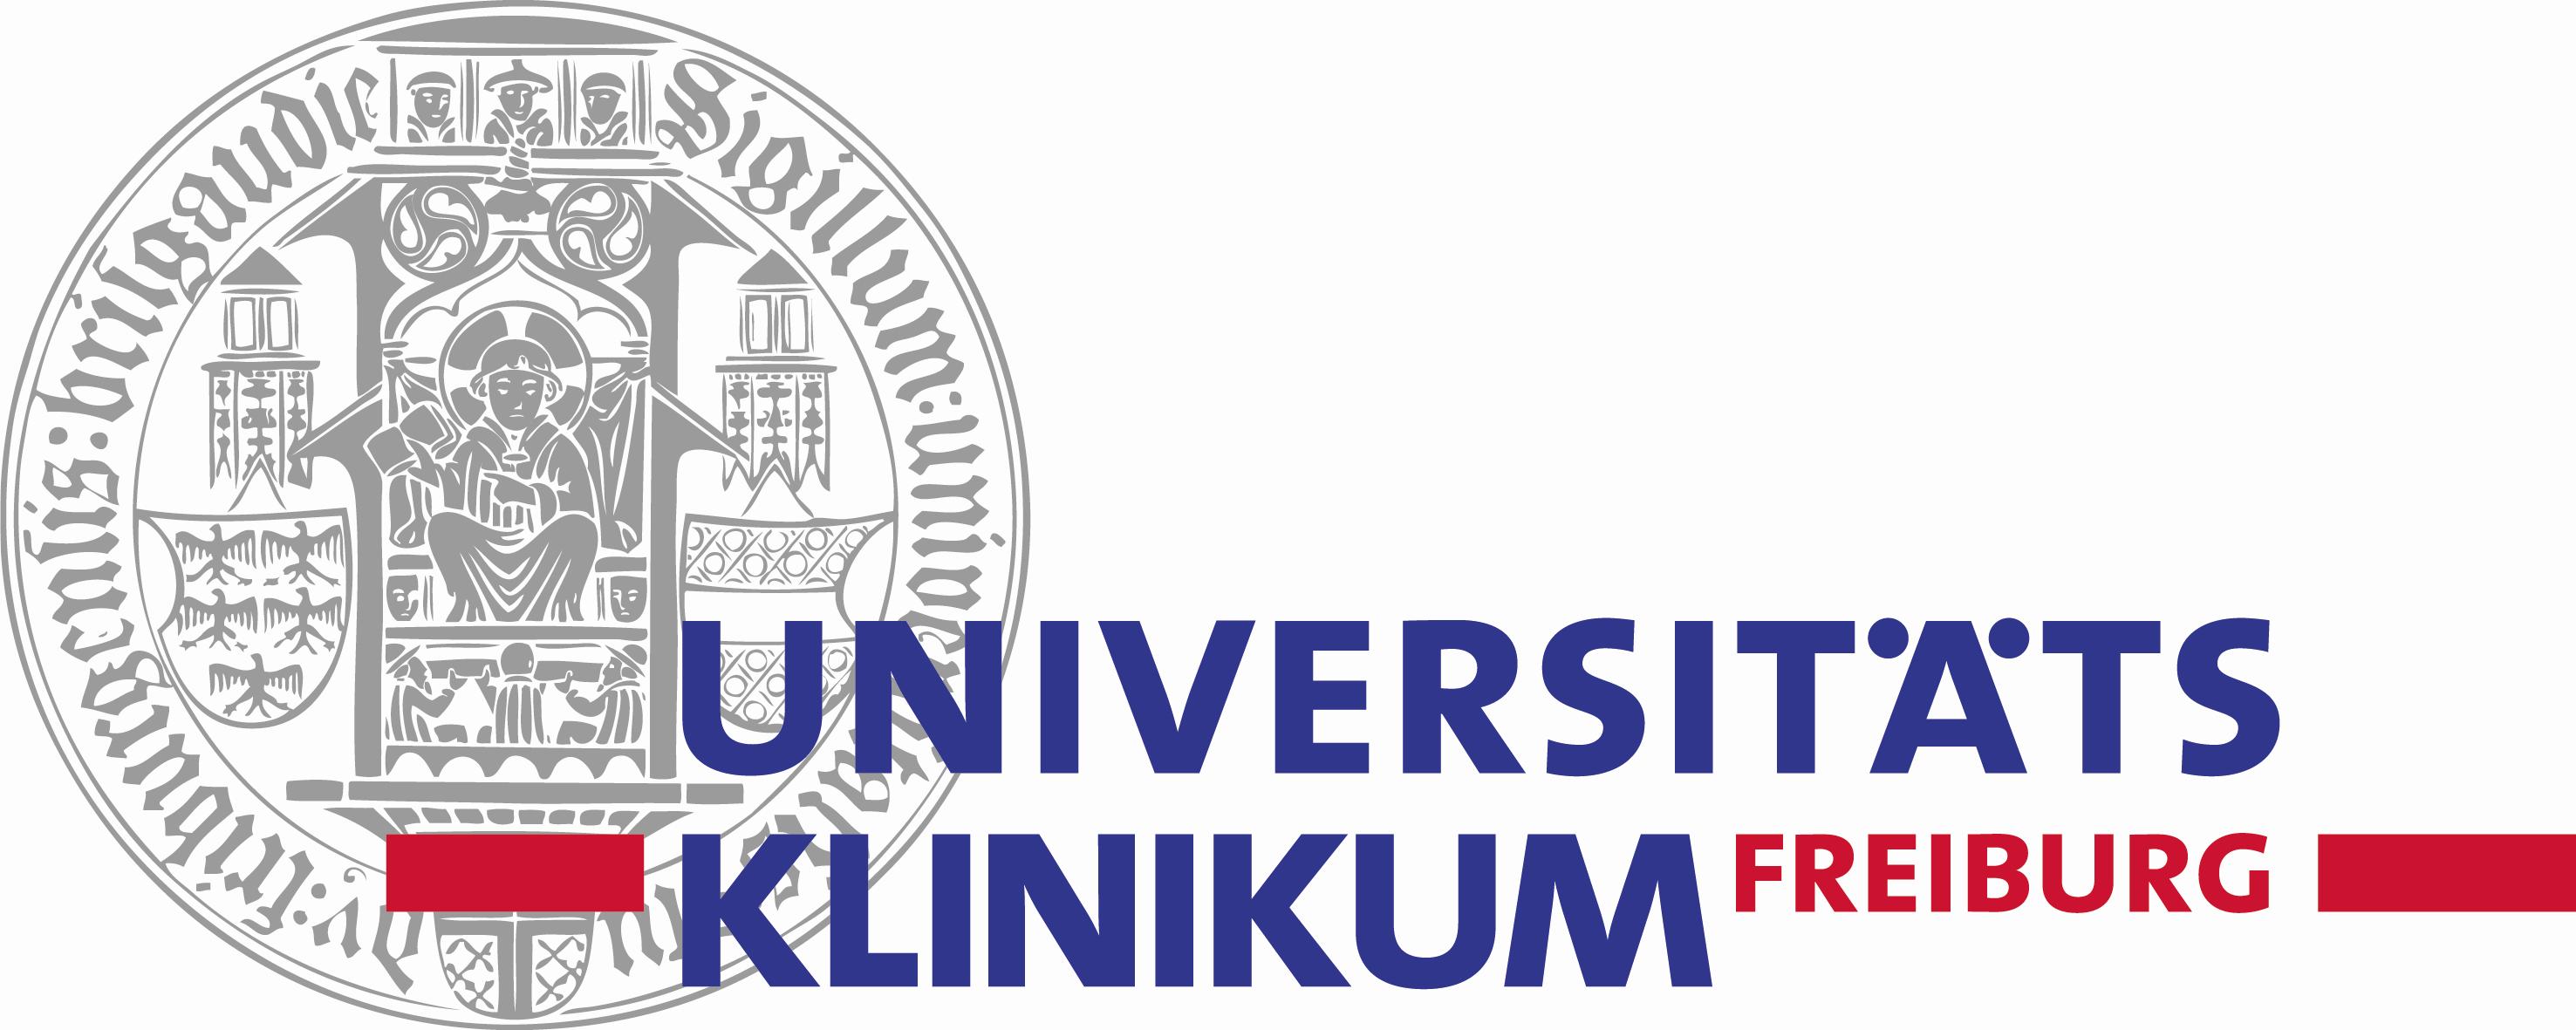 Bildergebnis für uniklinik freiburg logo